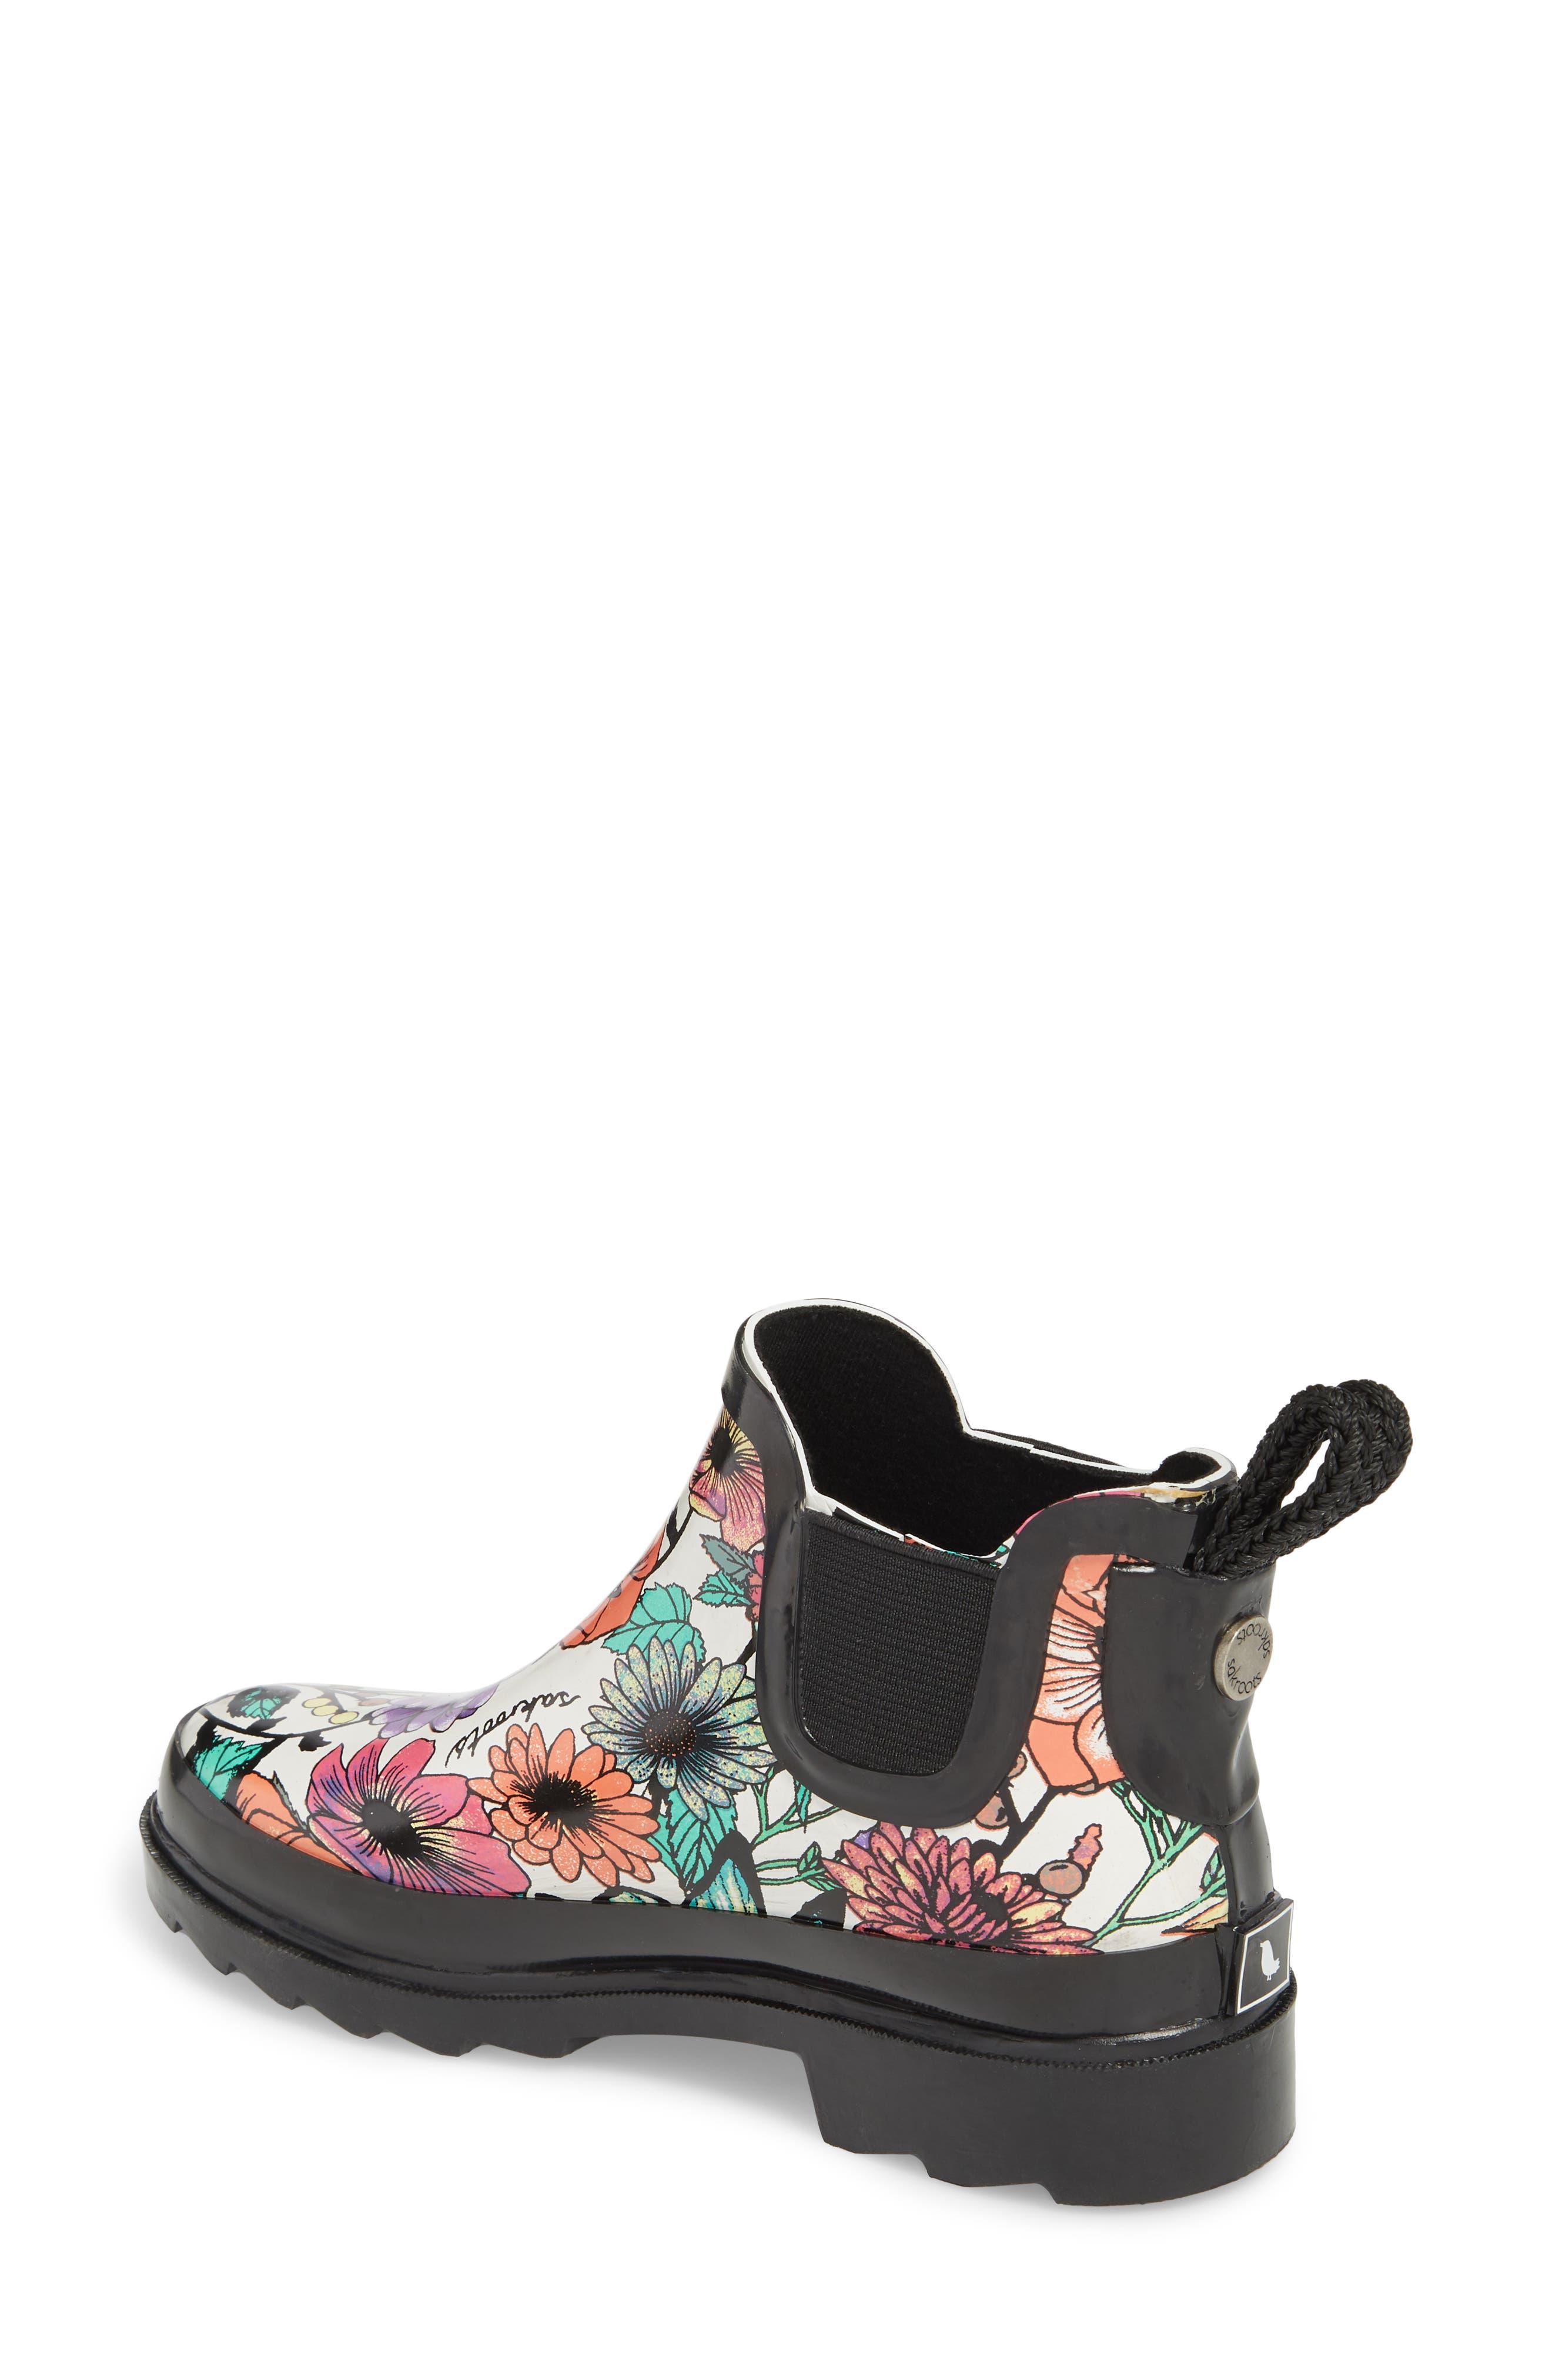 'Rhyme' Waterproof Rain Boot,                             Alternate thumbnail 2, color,                             Optic In Bloom